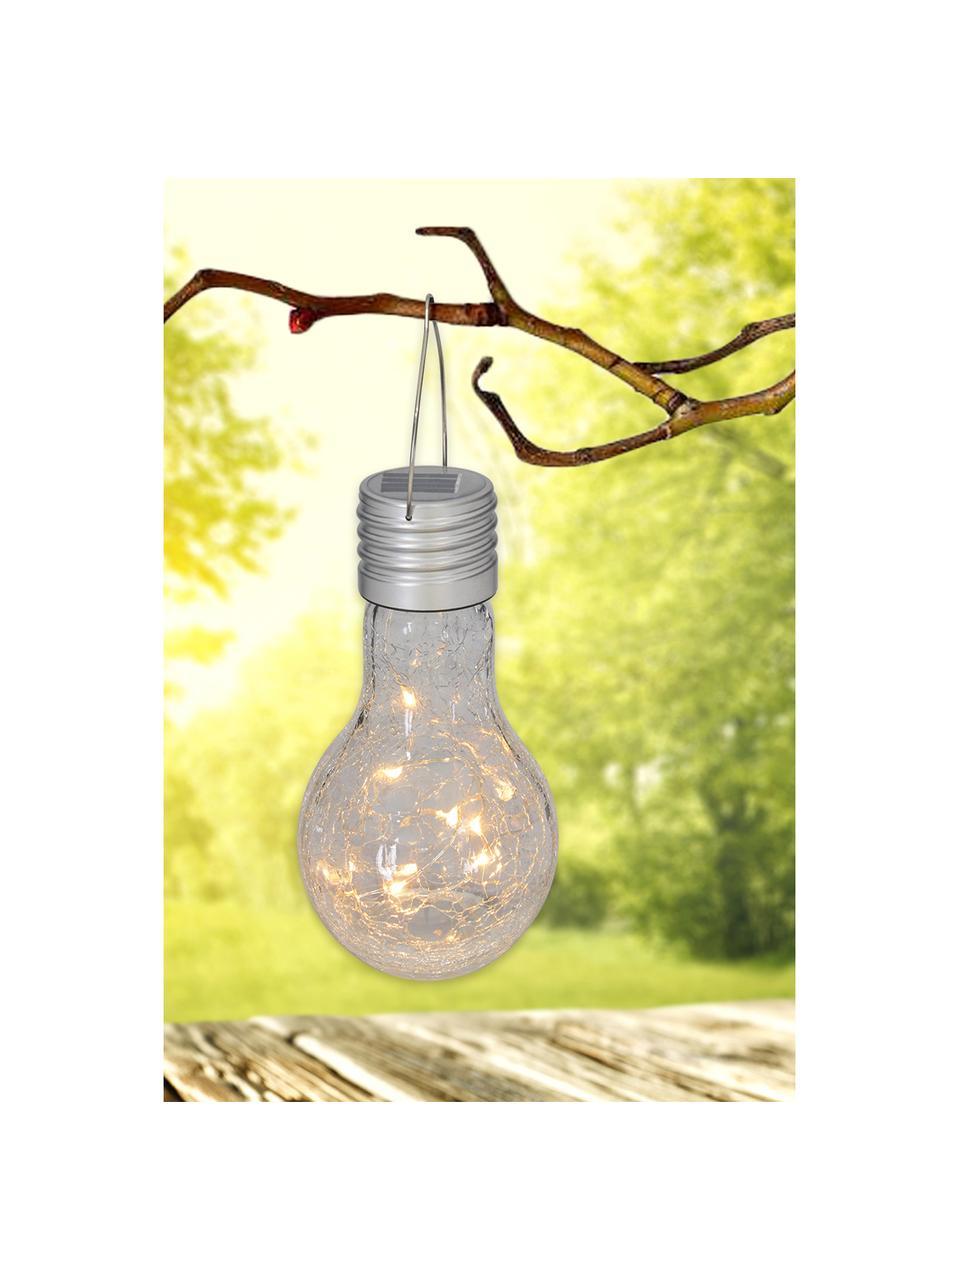 Solar Hängelampe Martin, 3 Stück, Lampenschirm: Glas, Lampenschirm: Transparent mit Splitter-Effekt Lampenfassung: Nickel, Ø 10 x H 20 cm